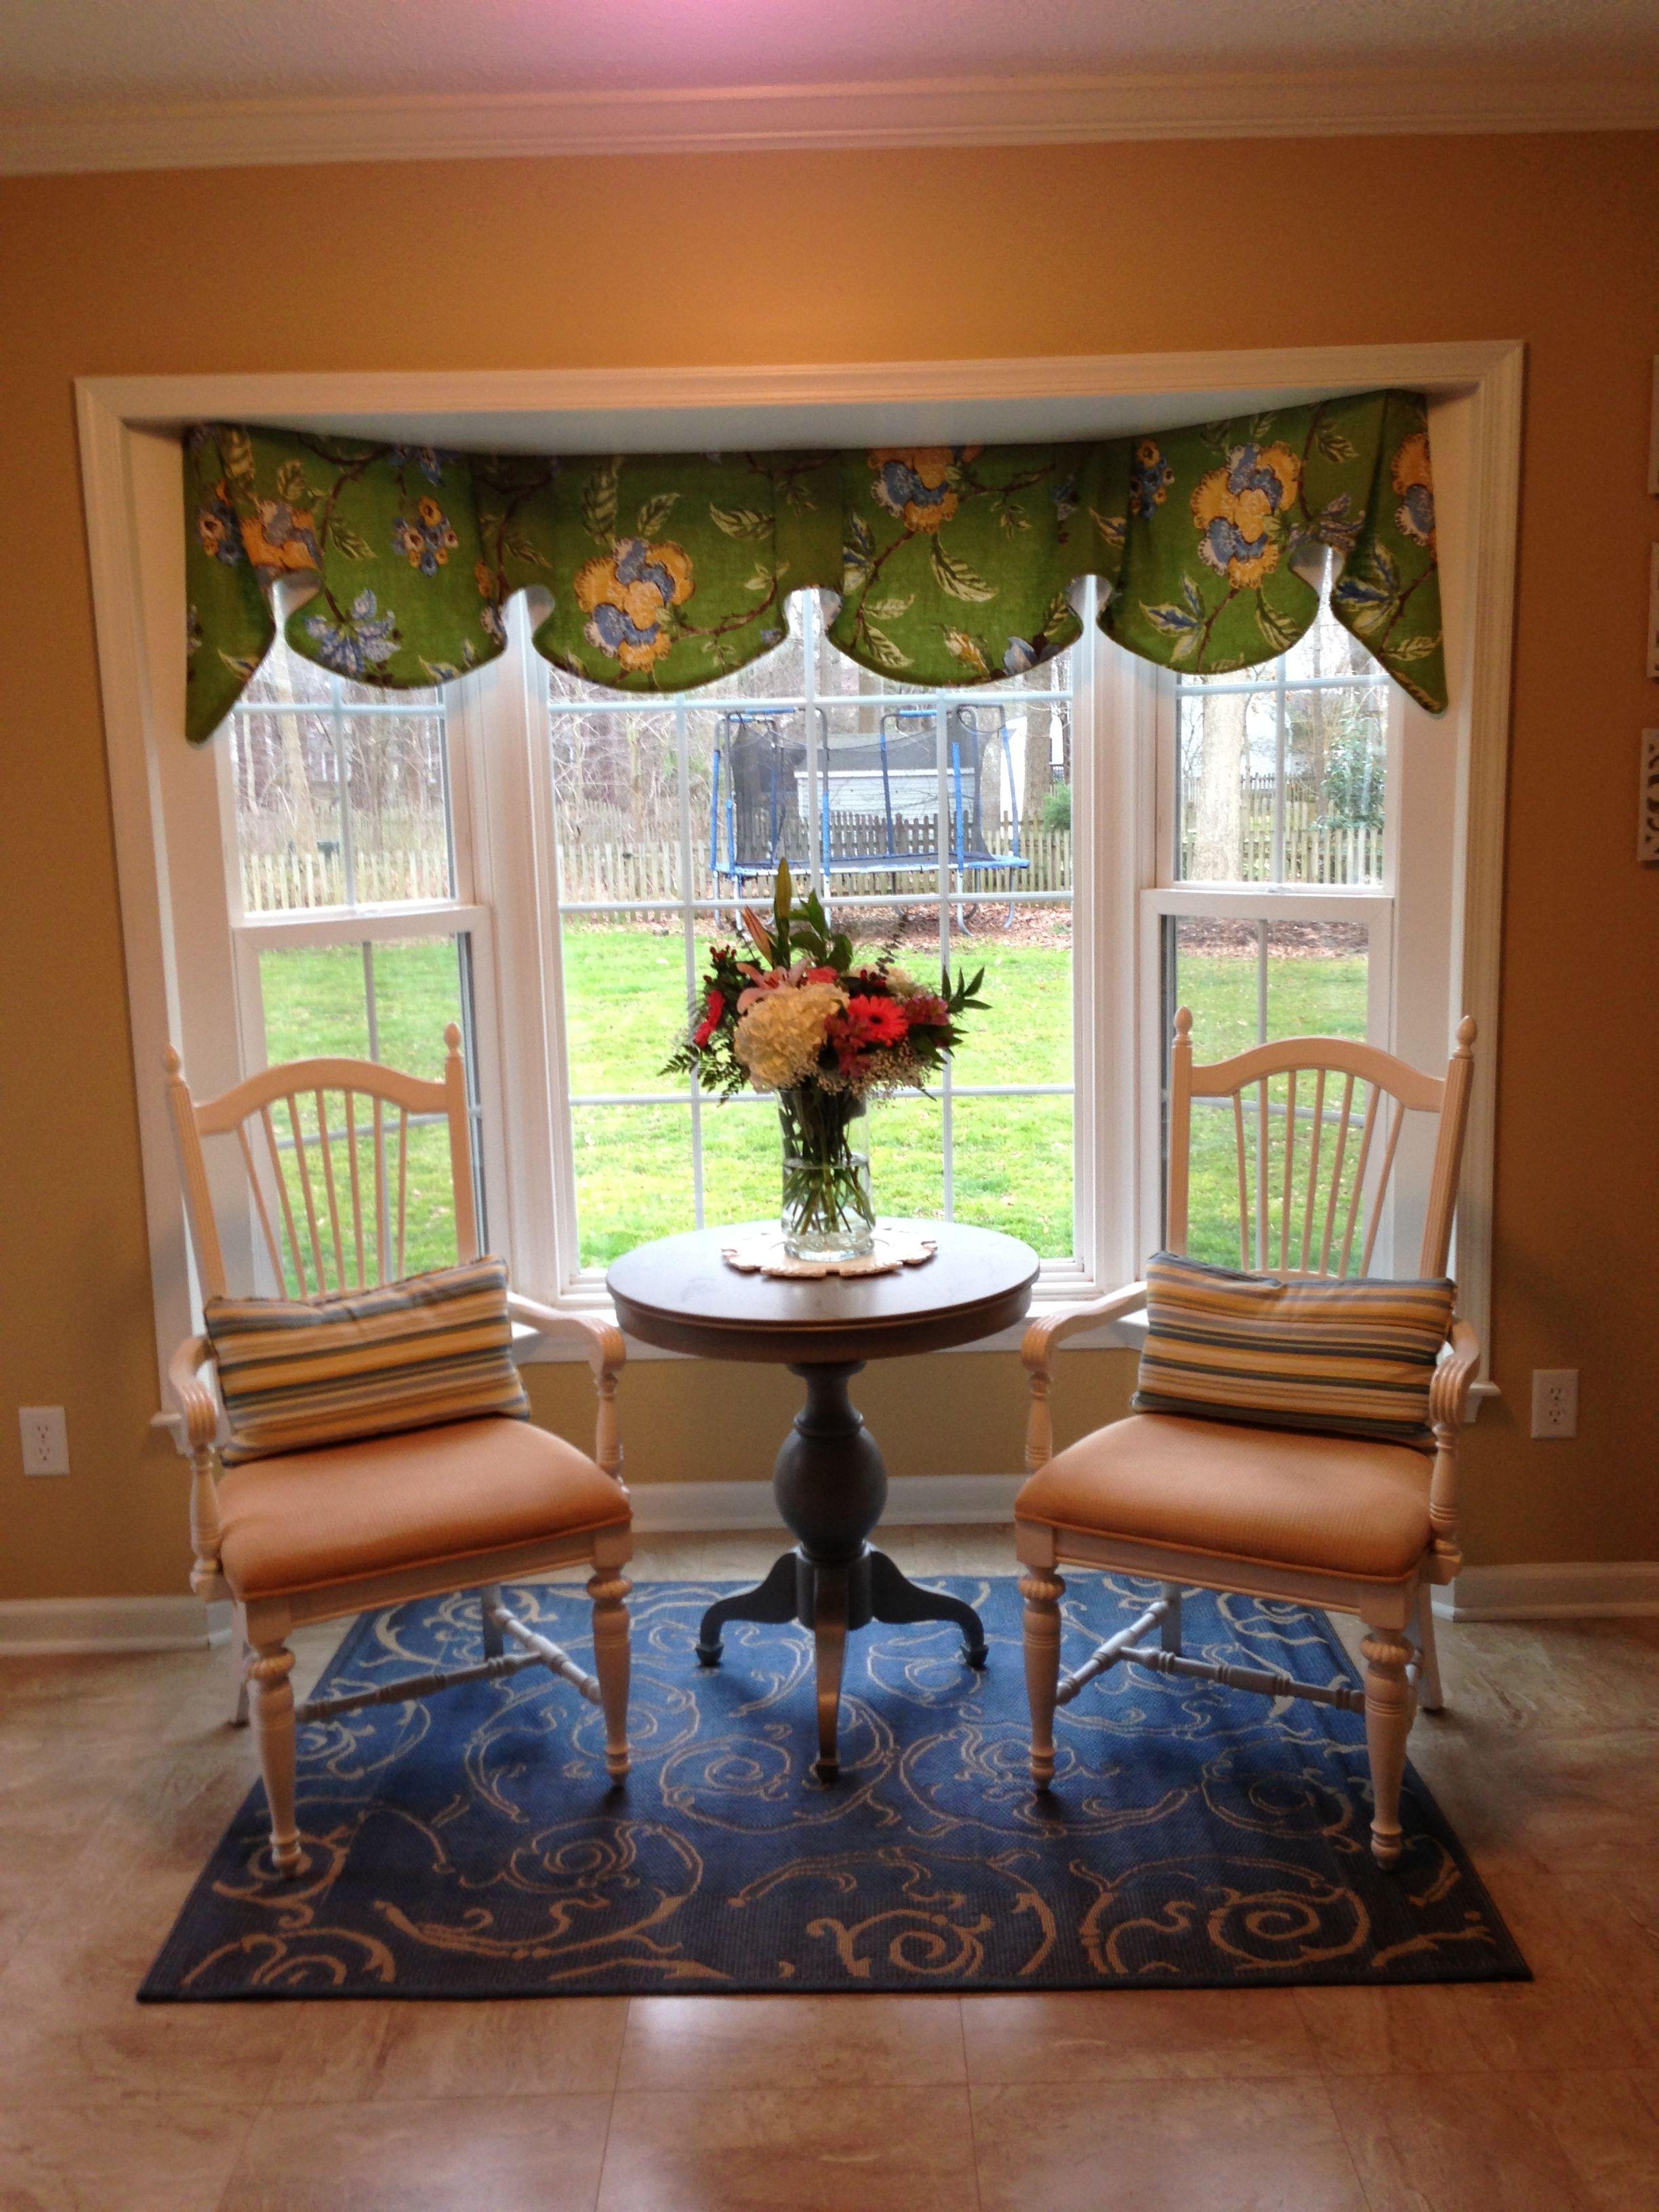 Kitchen Sitting Rooms Designs: Home Decor, Decor, Kitchen